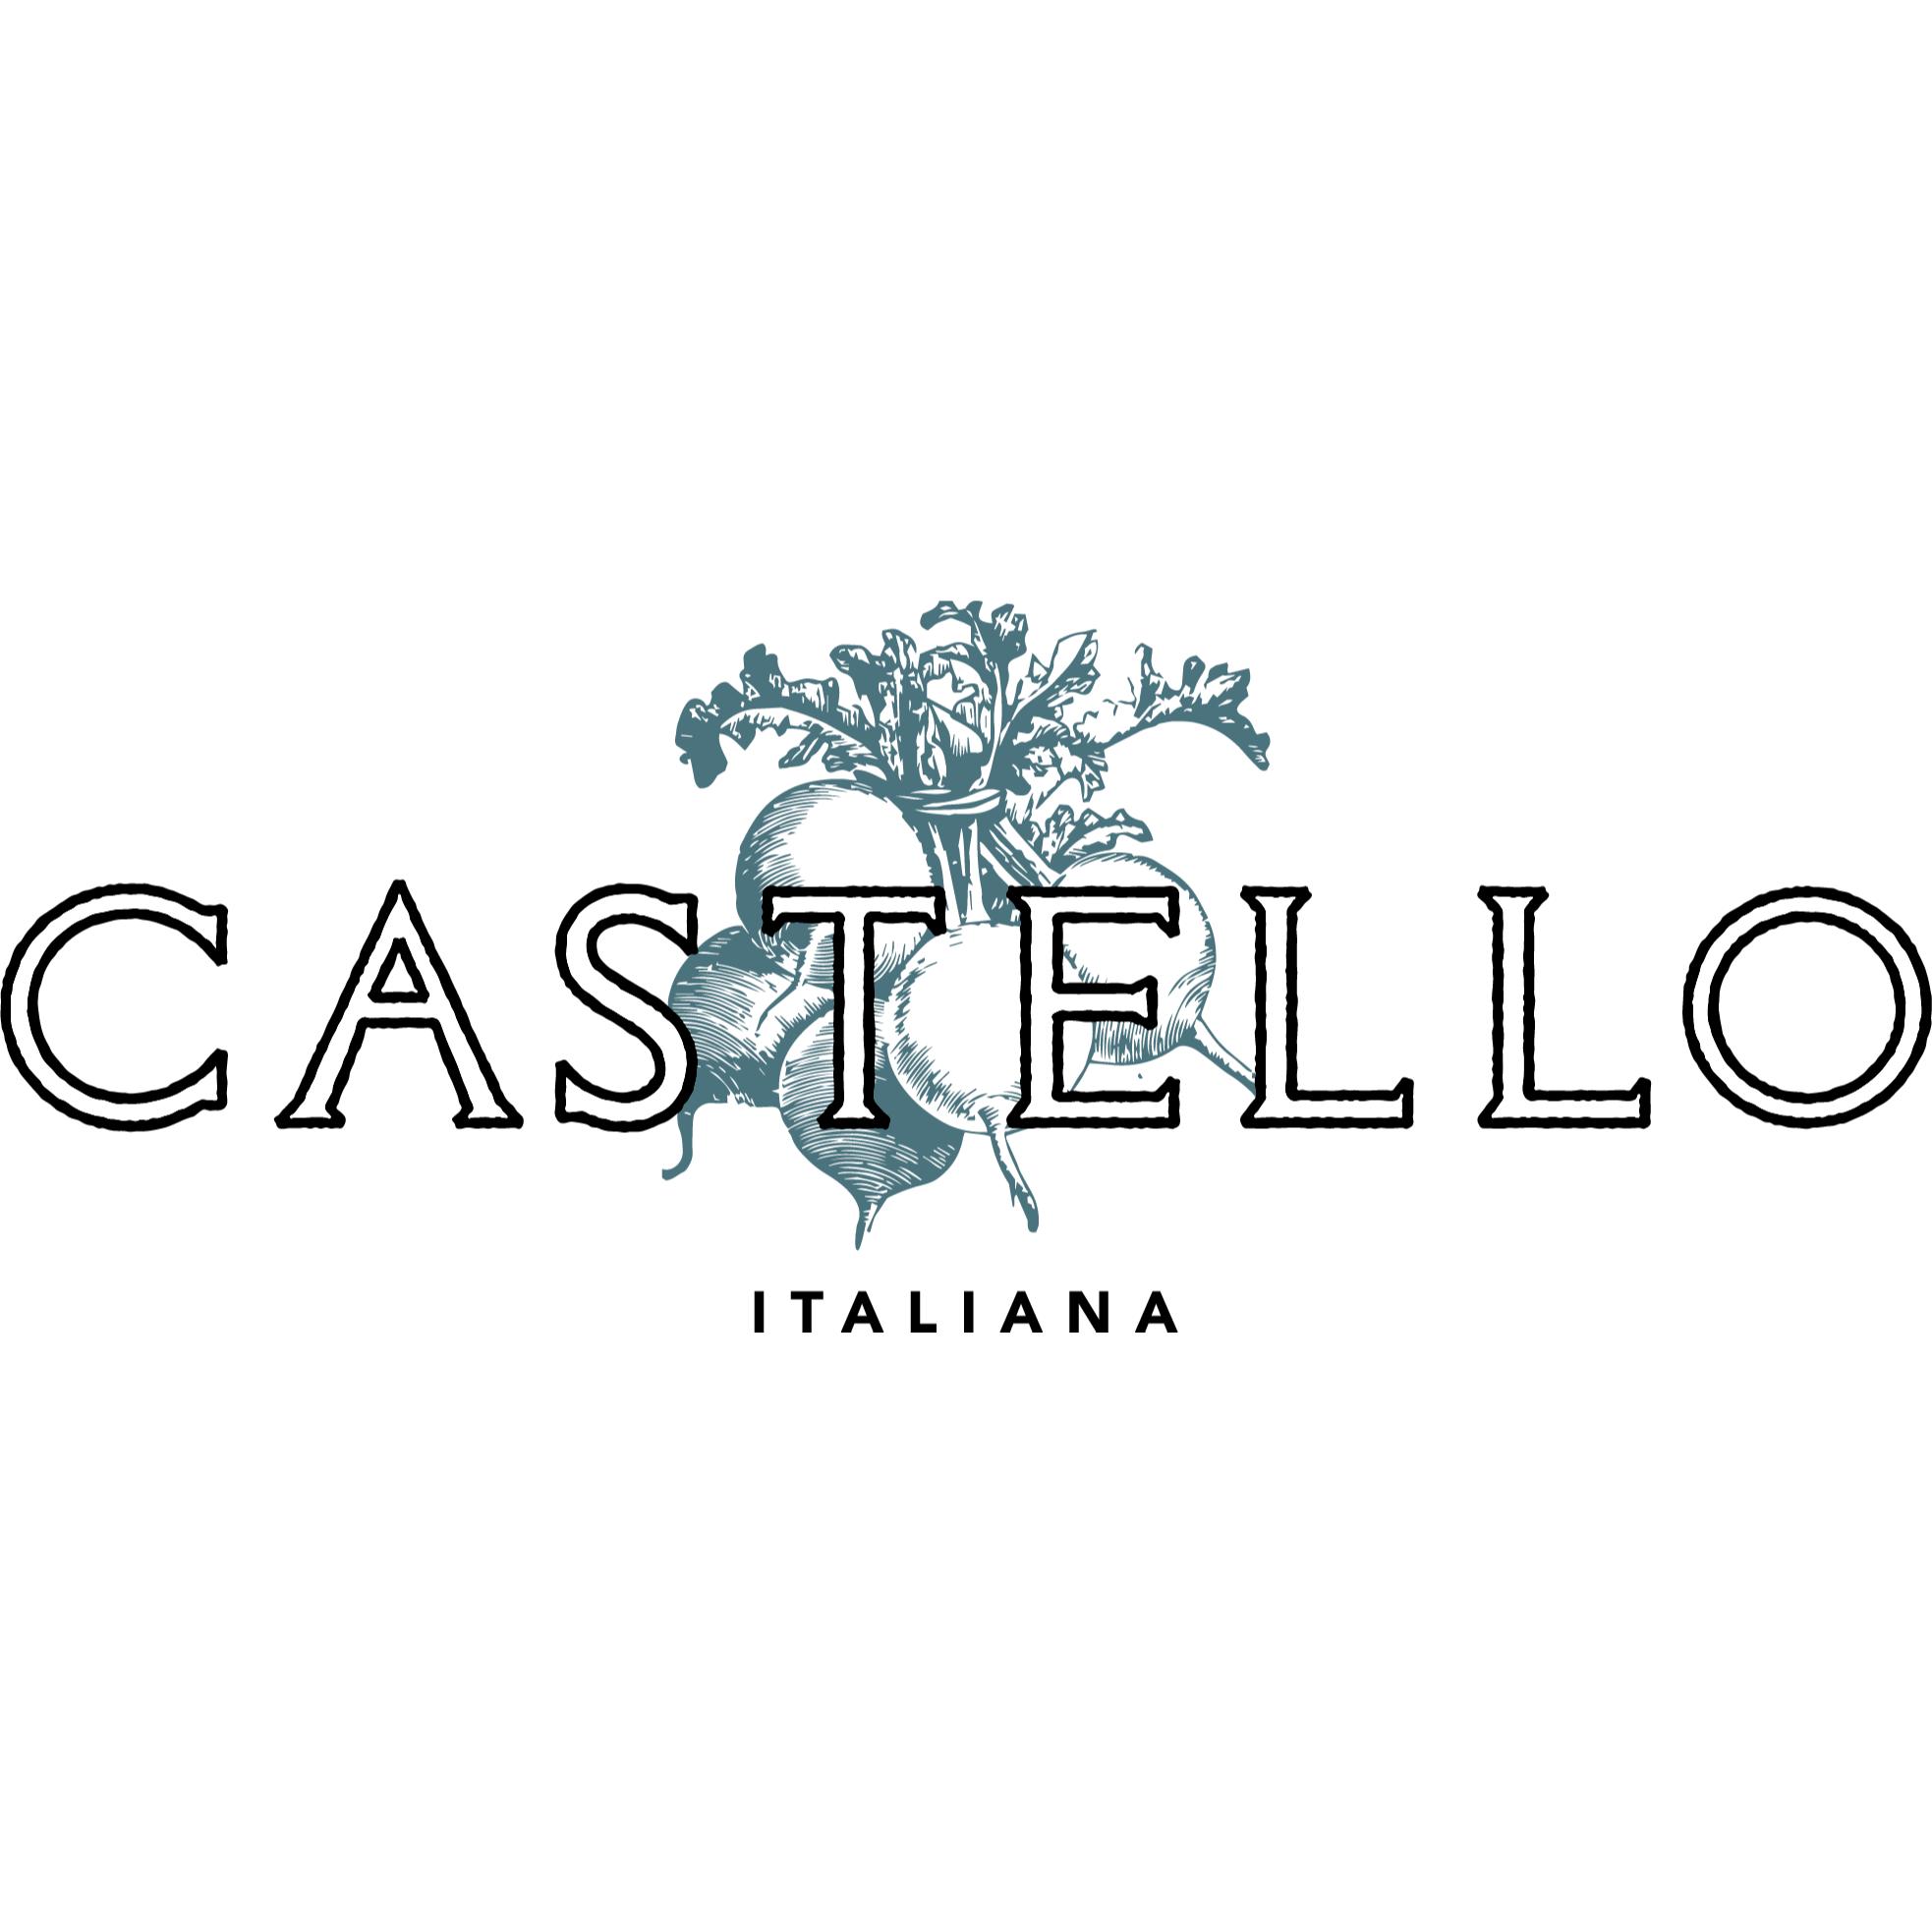 Castello Italiana